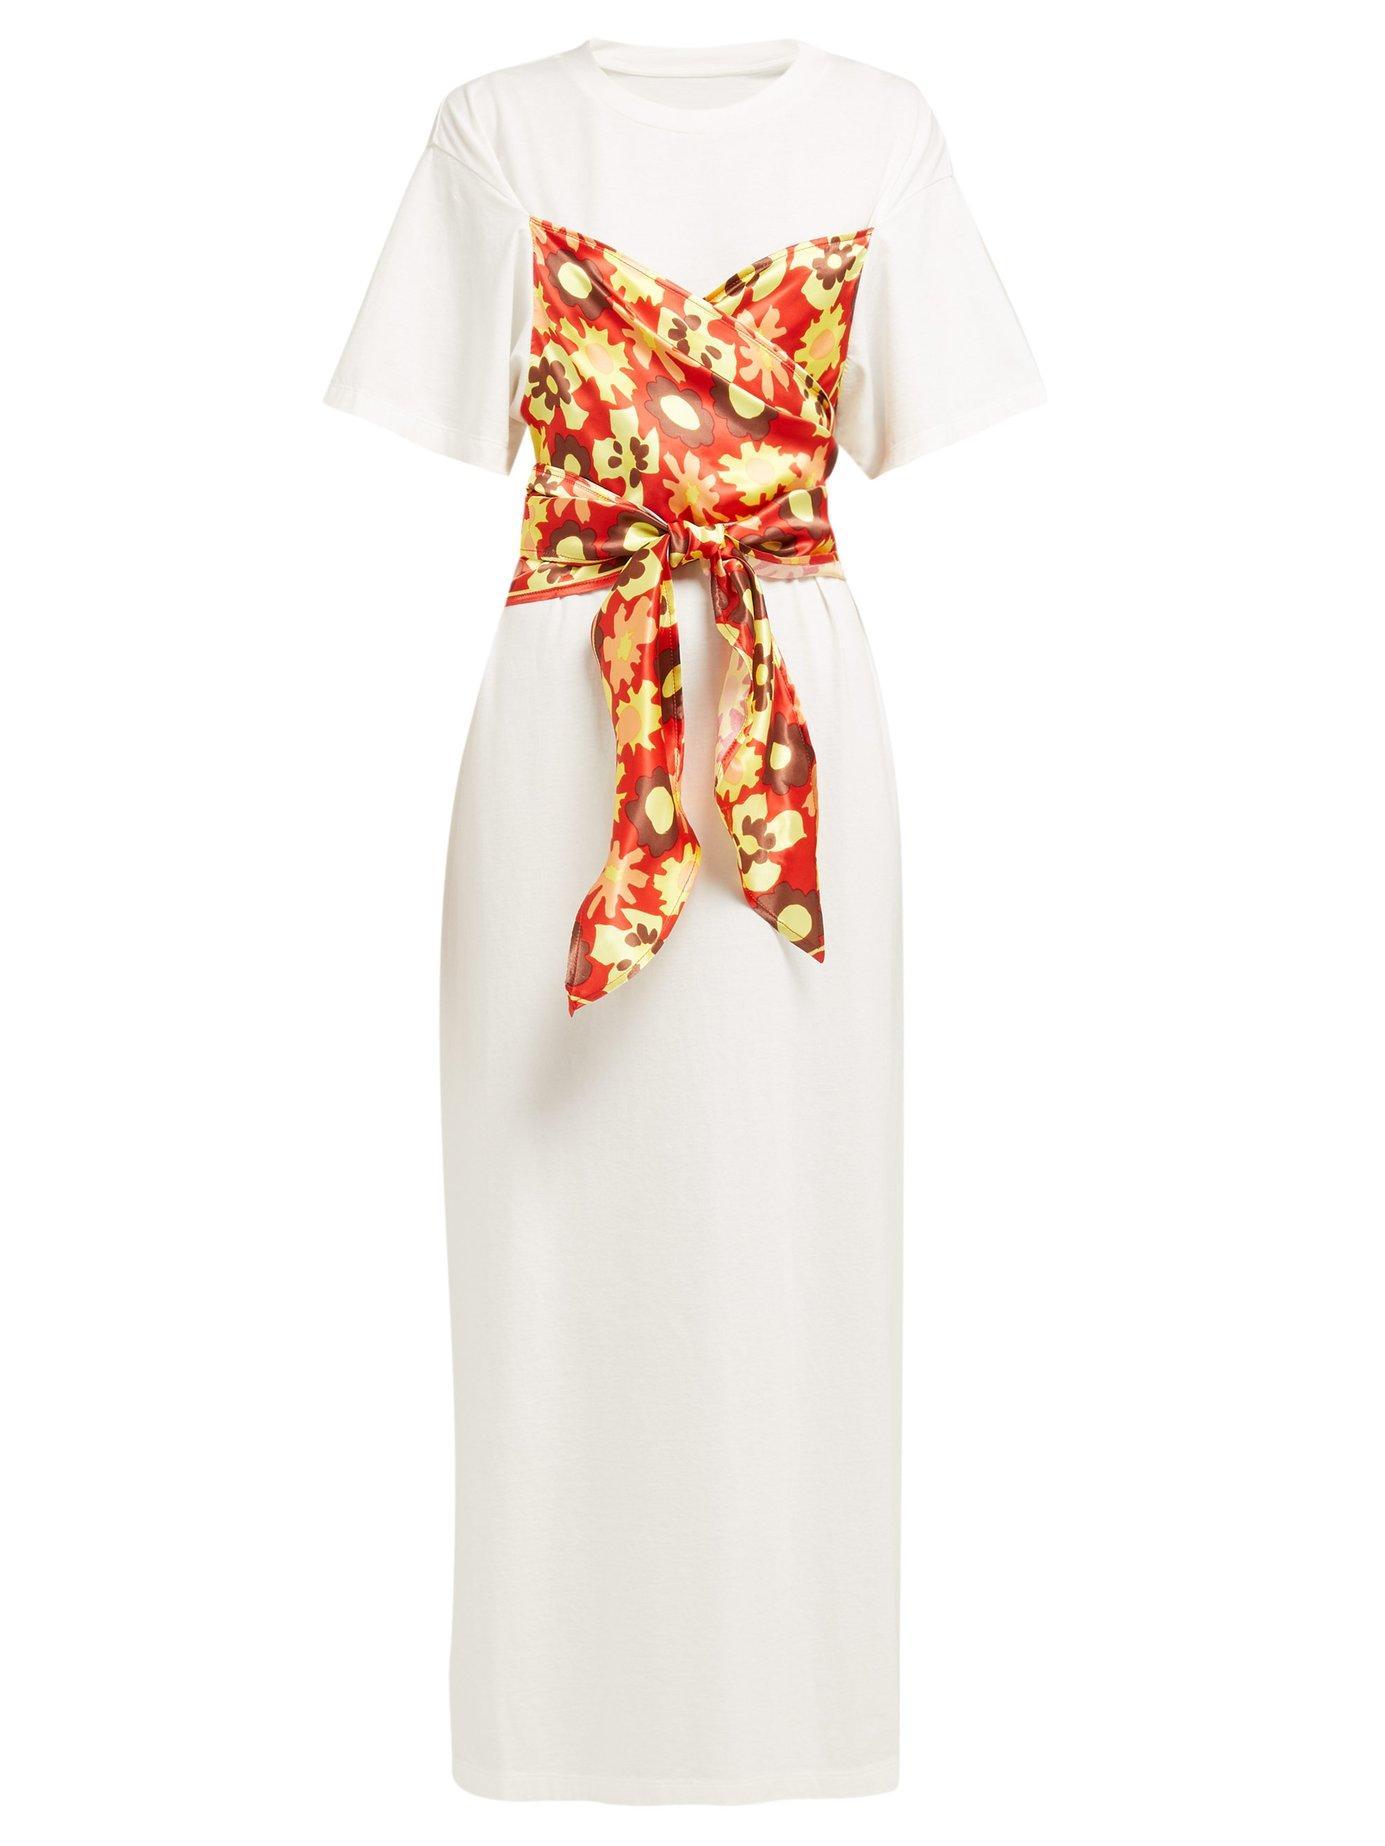 7291c39040a MM6 by Maison Martin Margiela. Women's White Floral Panel Cotton T Shirt  Dress